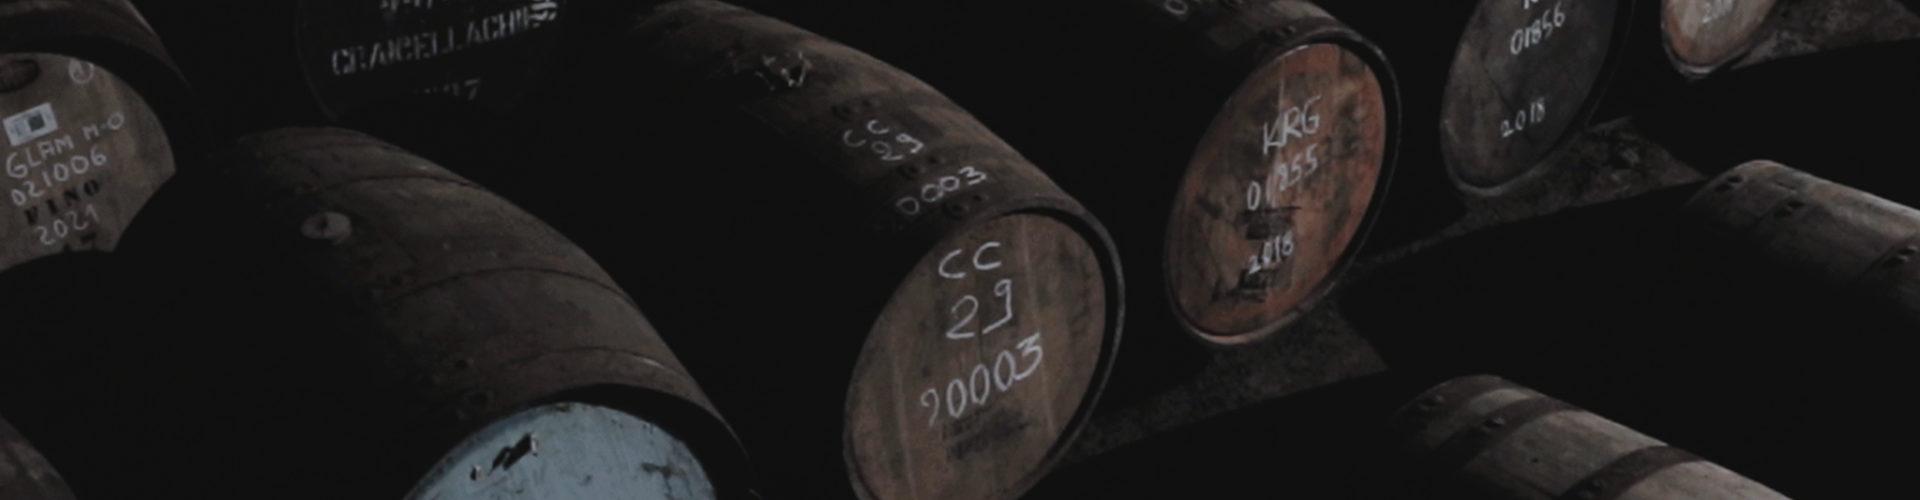 Vieillissement en chais humide Celtic Whisky Distillerie